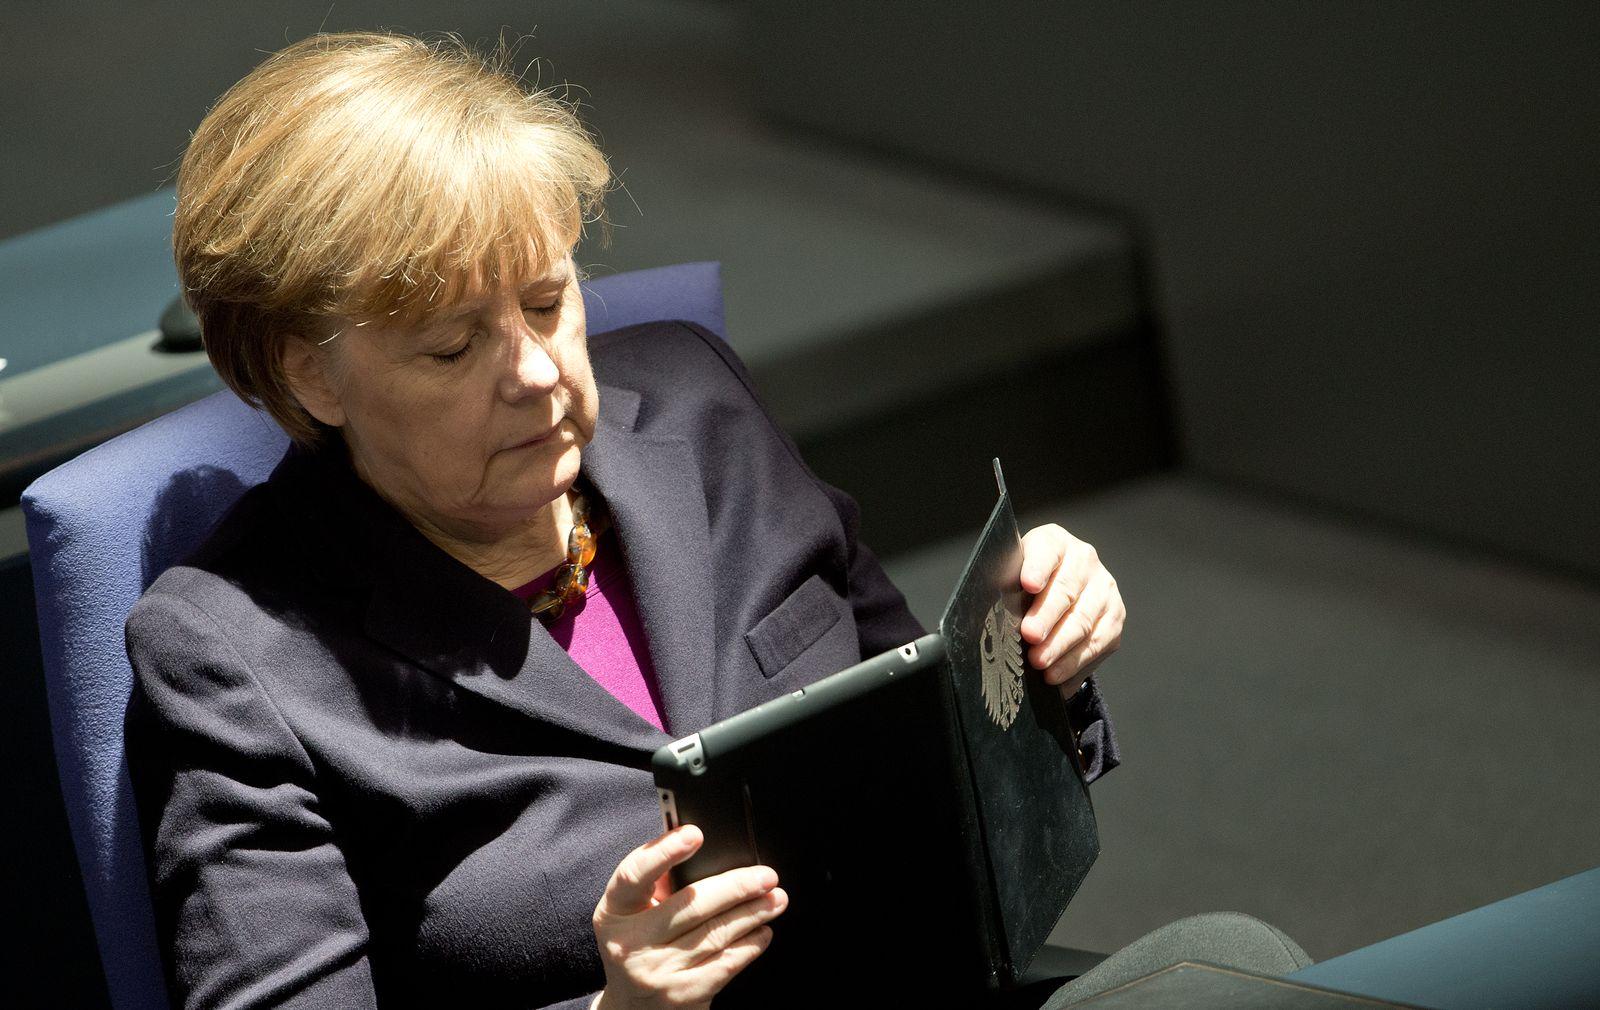 Bundestag Angela Merkel iPad